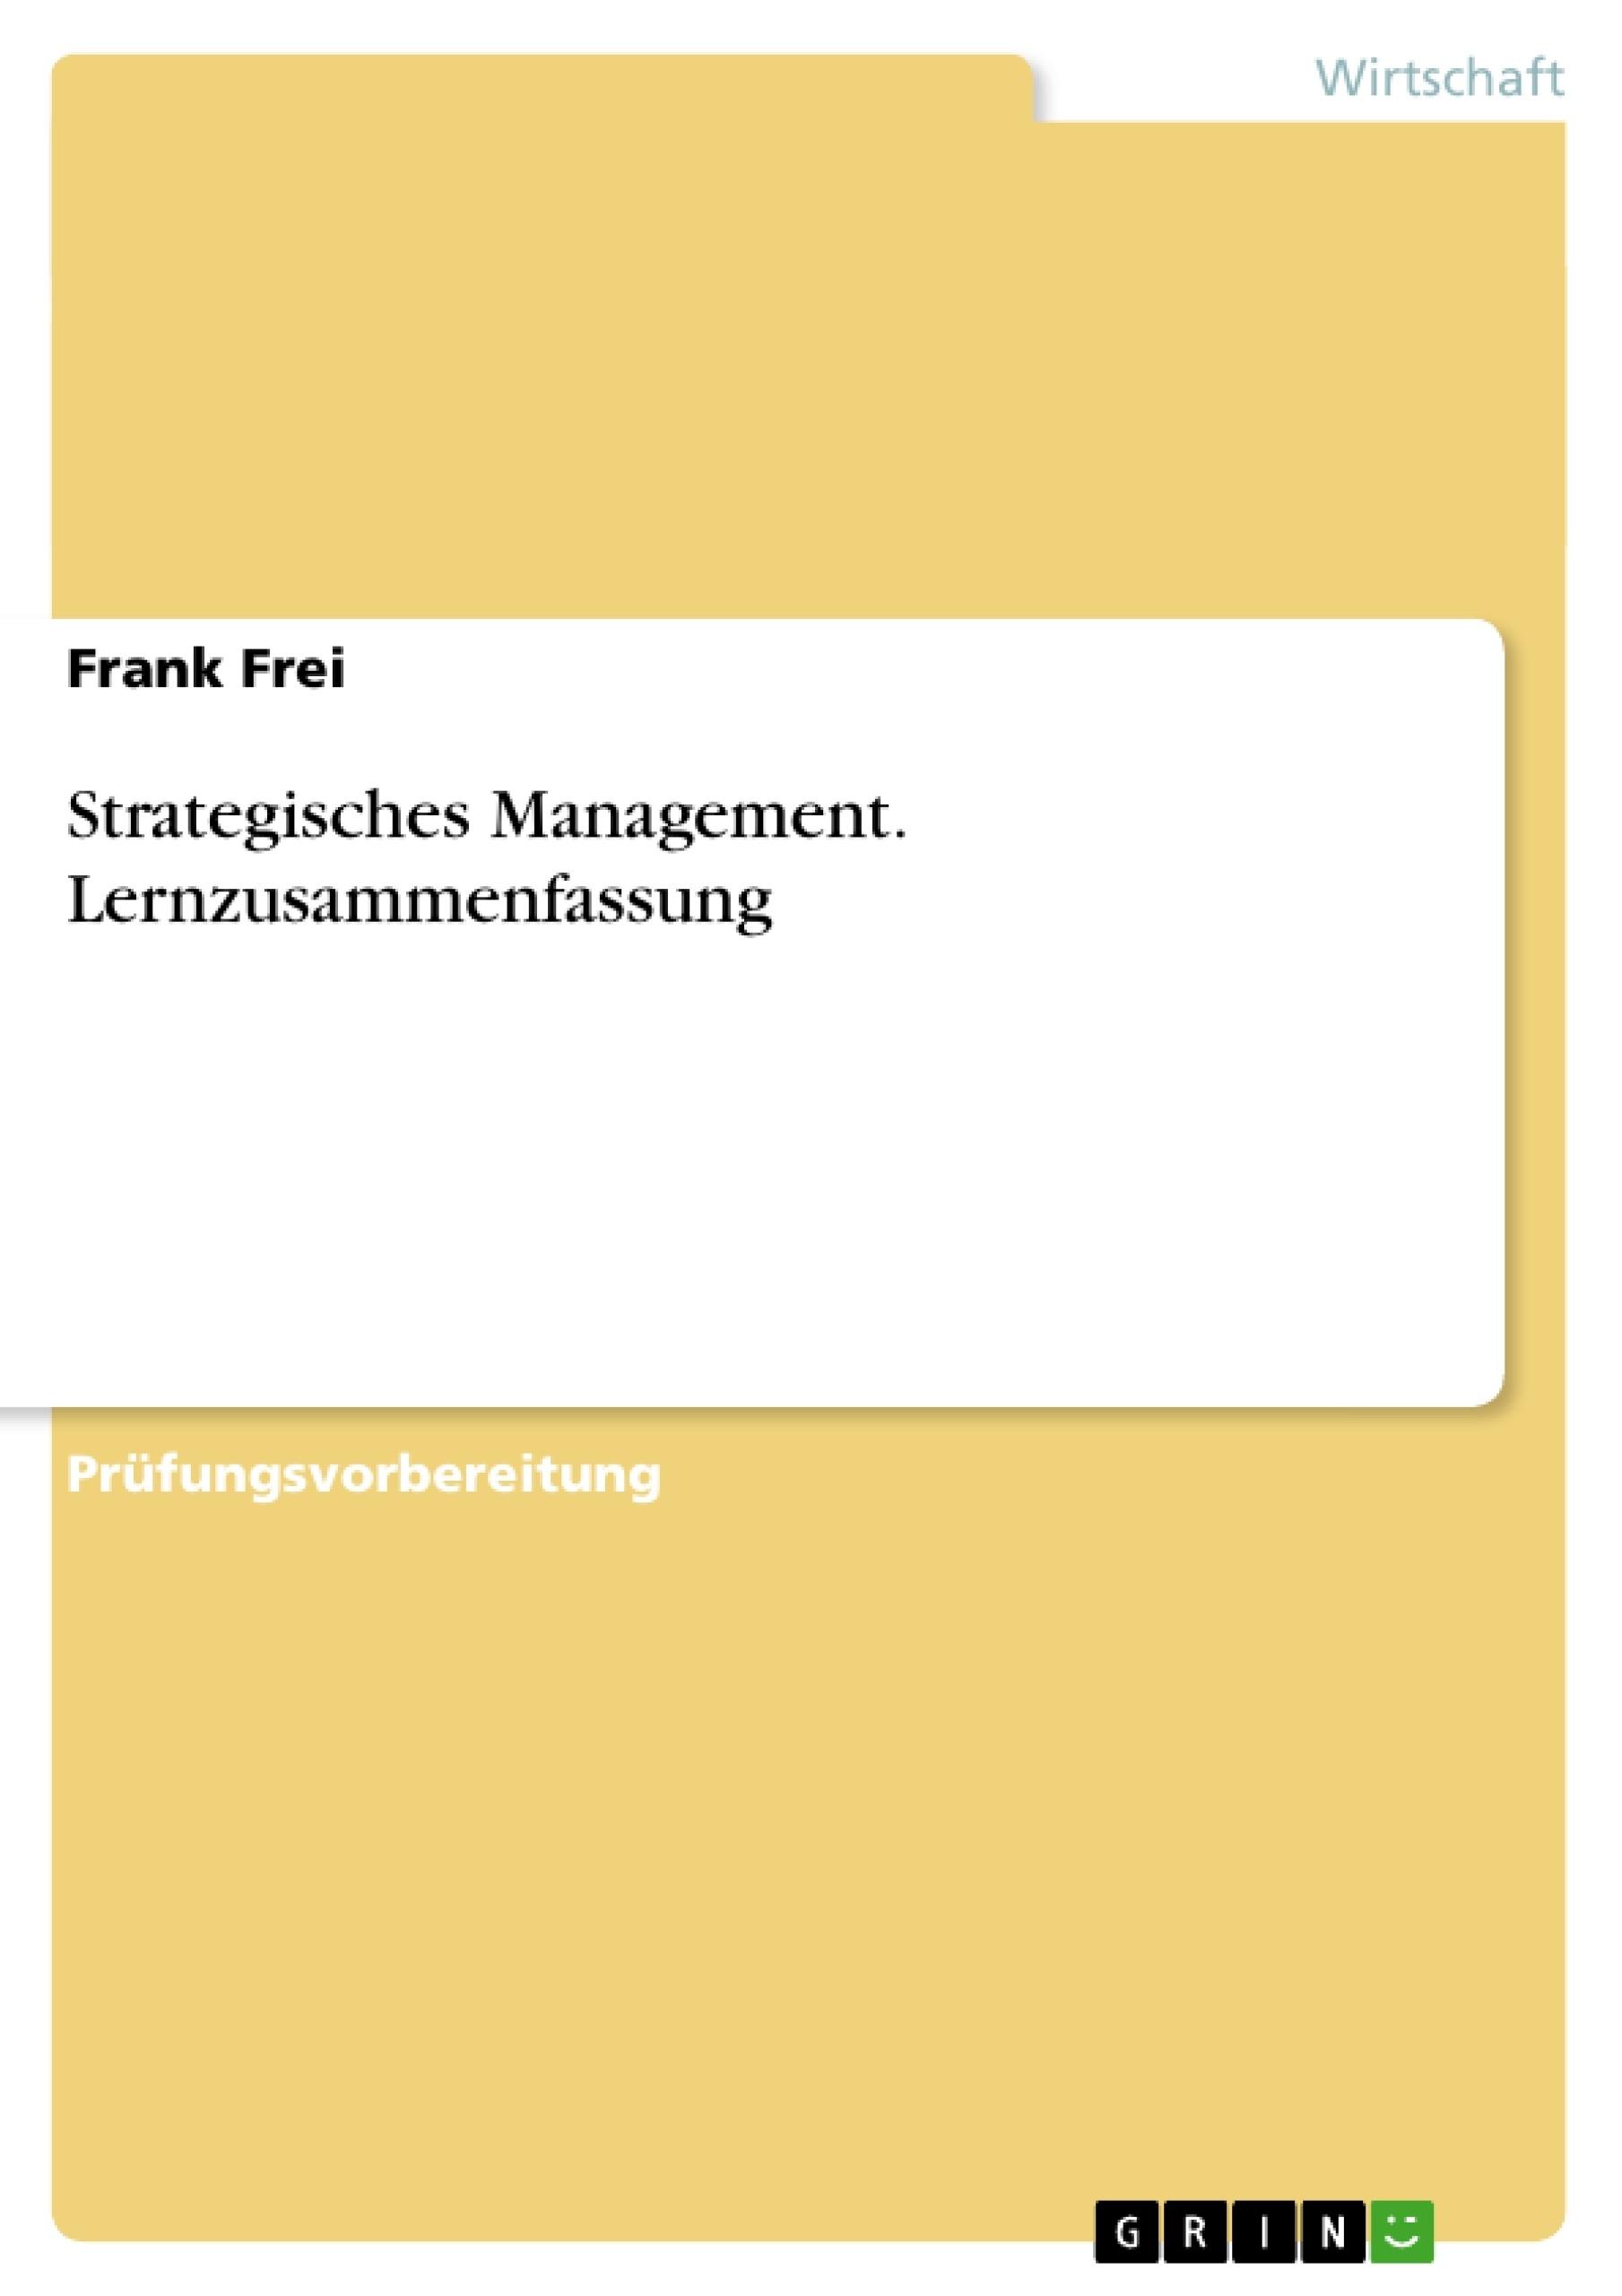 Titel: Strategisches Management. Lernzusammenfassung